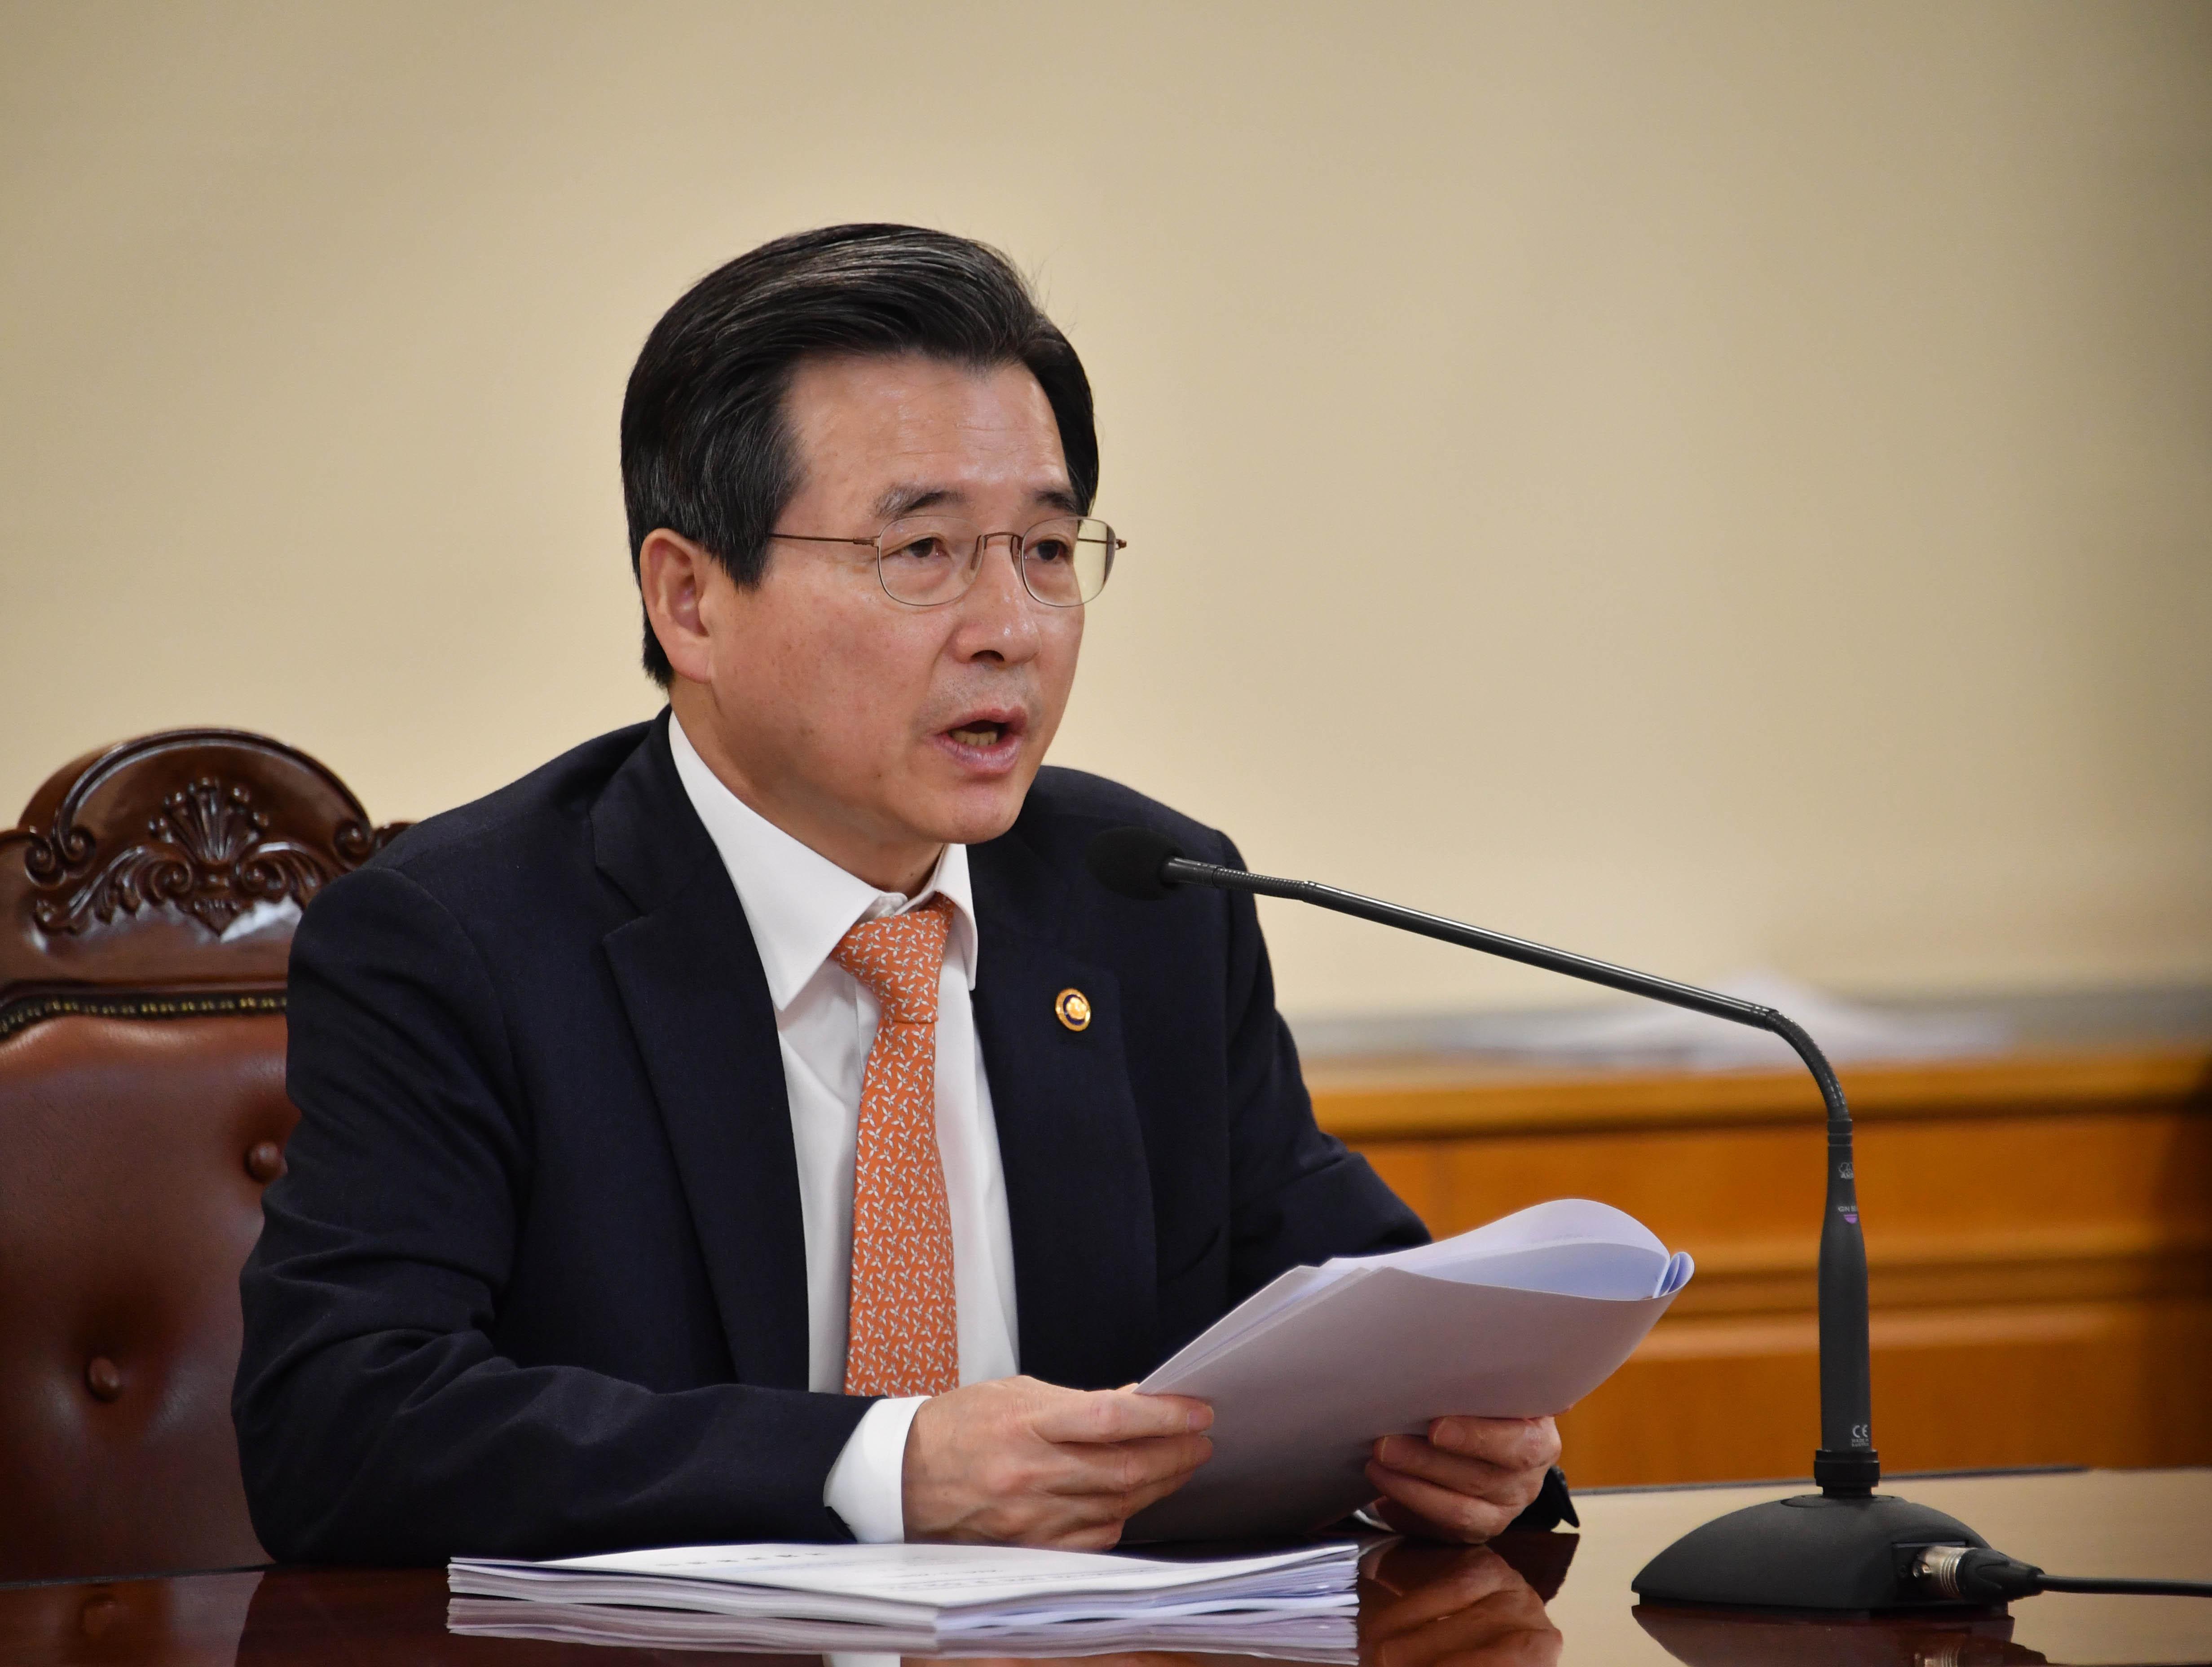 거시경제금융회의서 발언하는 김용범 차관